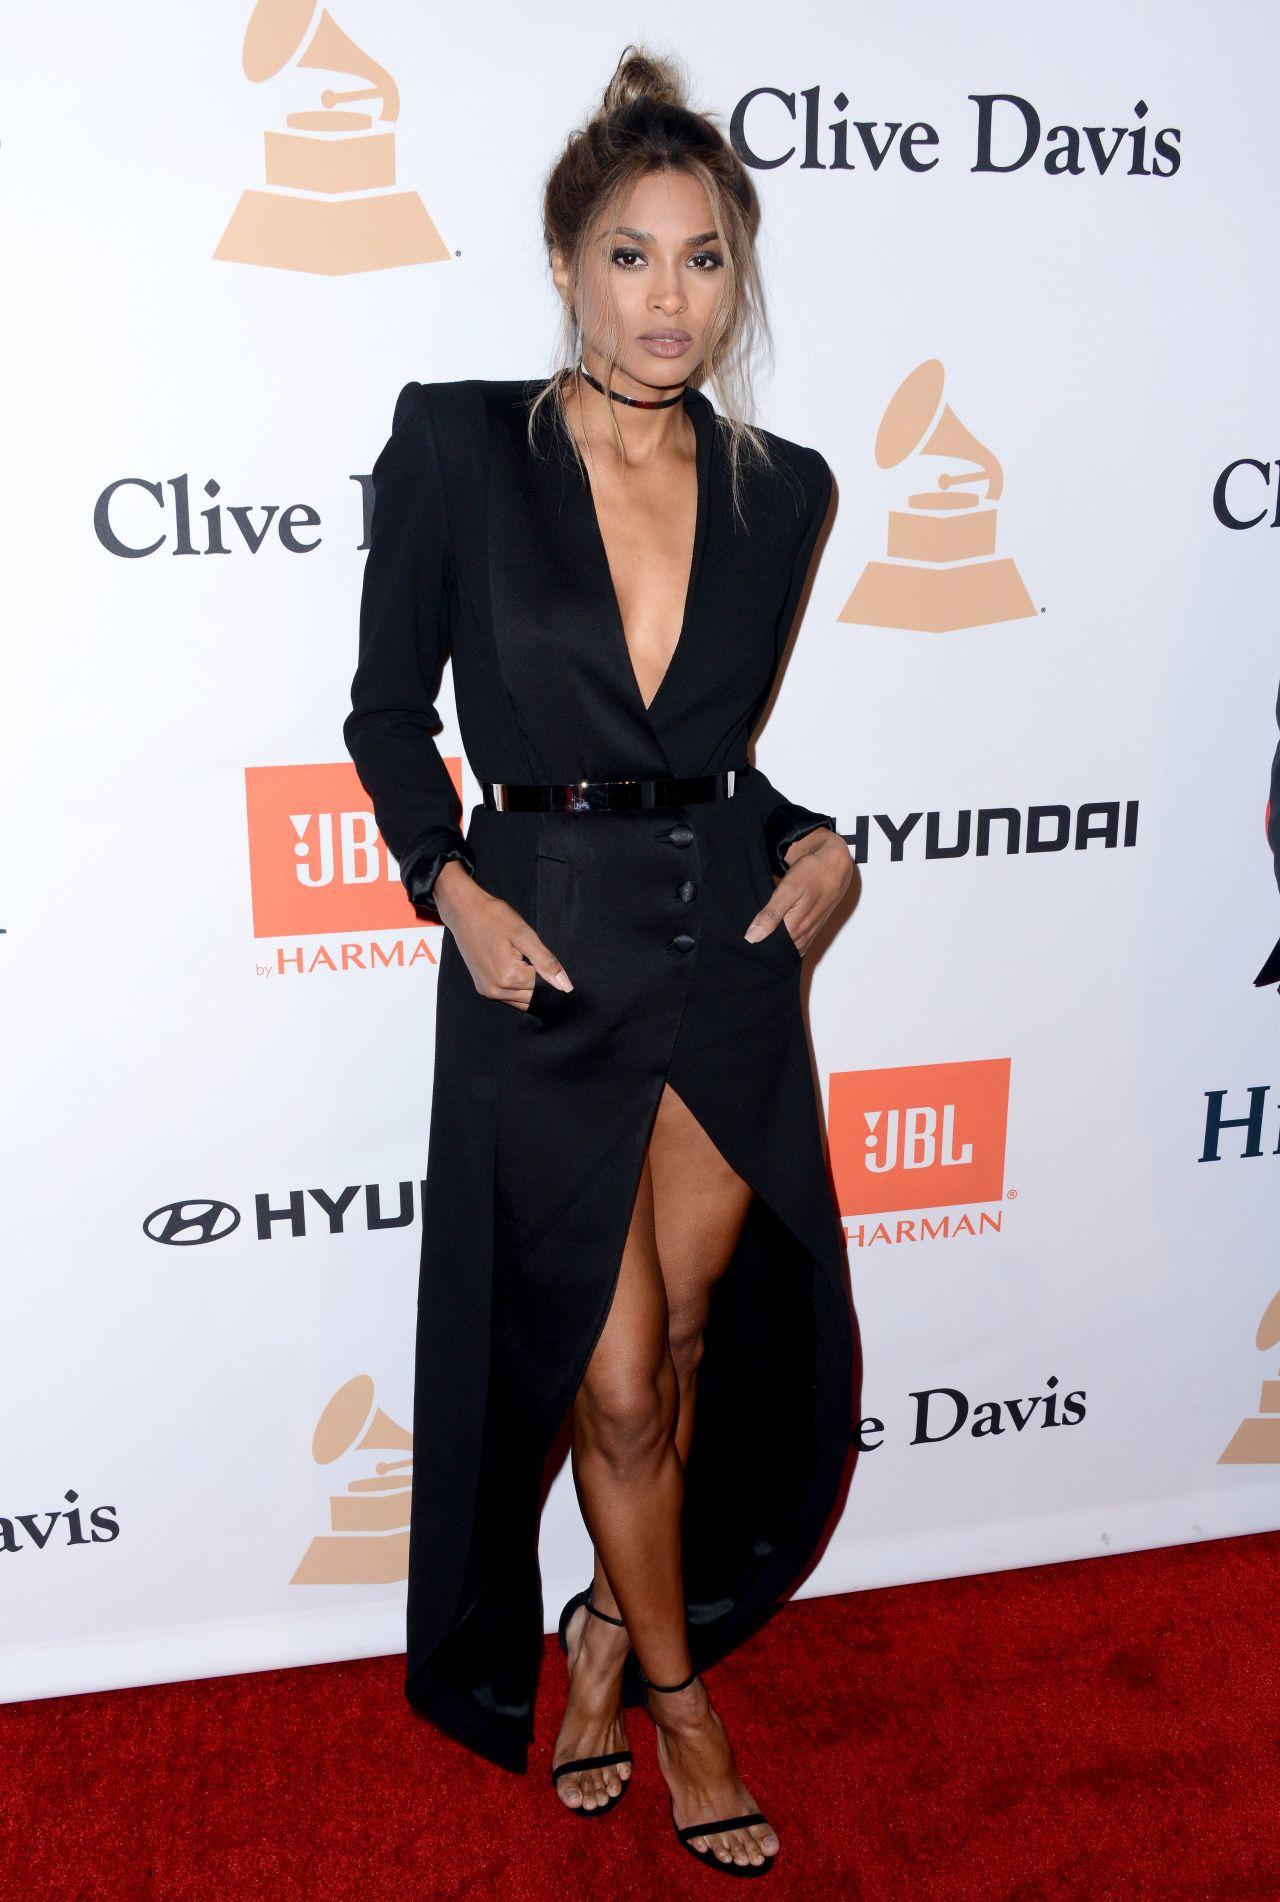 Ciara Grammys 2016